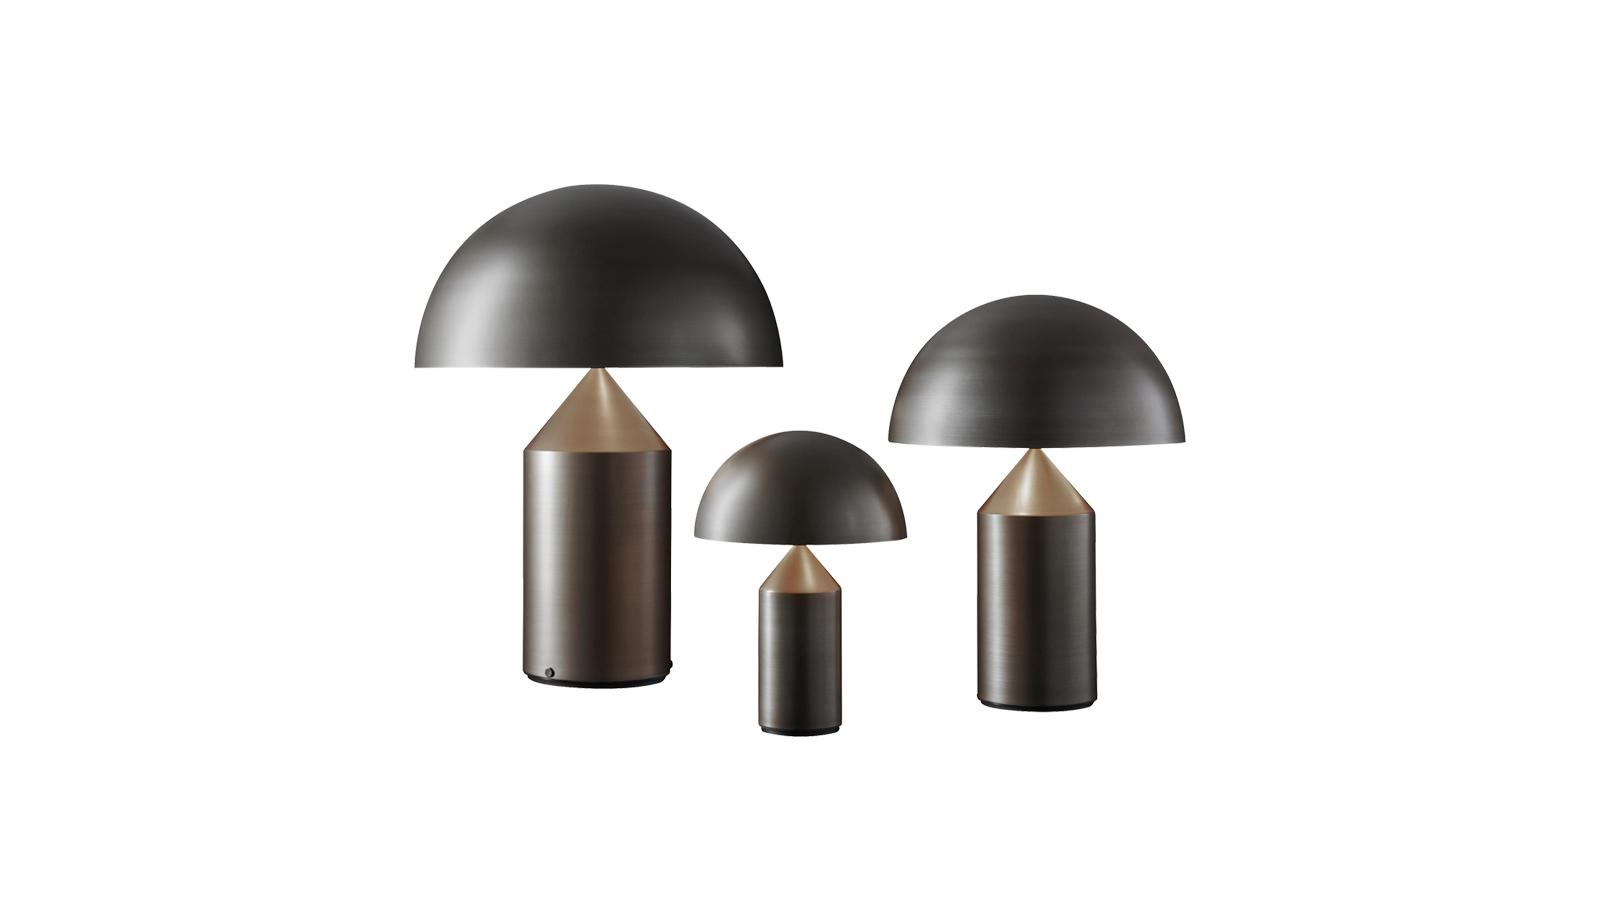 Az Atollo forradalmasította a lámpákról való gondolkodást. Az eredetileg 1977-ben bemutatott designt azonnal elsöprő siker fogadta, mára pedig a klasszikus, mégis kortalan tárgyak sorát gyarapítja. Az Atollót csupán egy henger, kúp és félgömb alkotja, mégis több mint geometriával való játék: dekoratív, trendi és megkérdőjelezhetetlenül olasz.